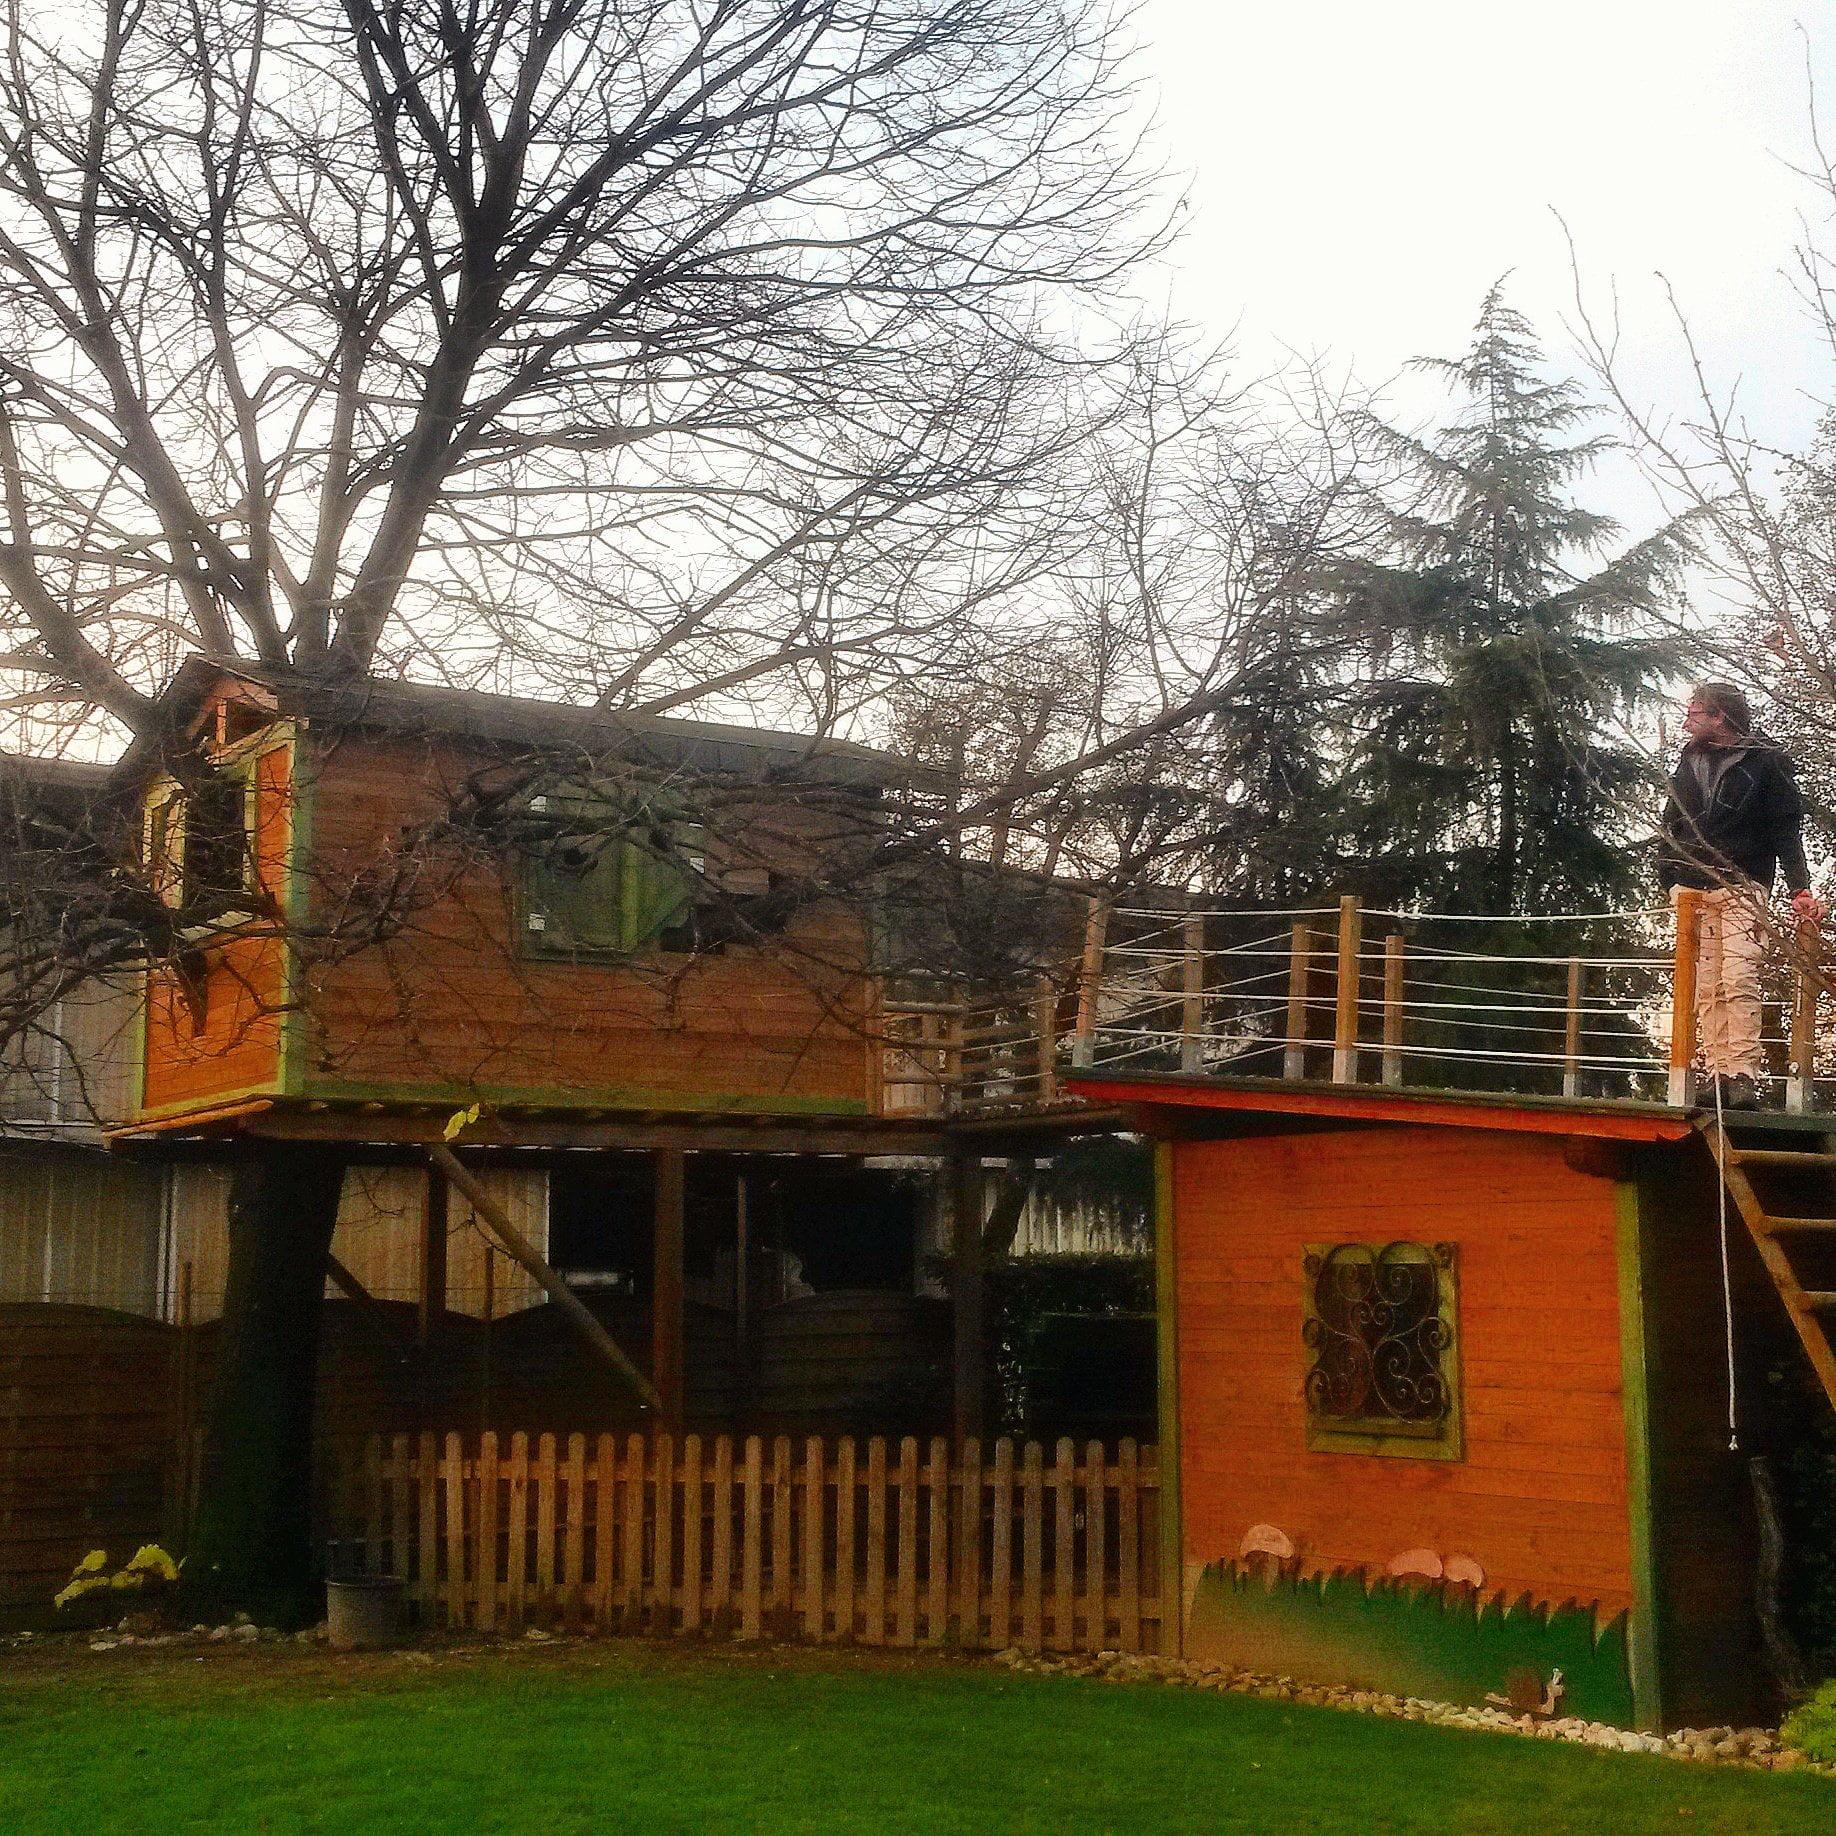 Casette in legno monza e brianza for Programma la mia casa